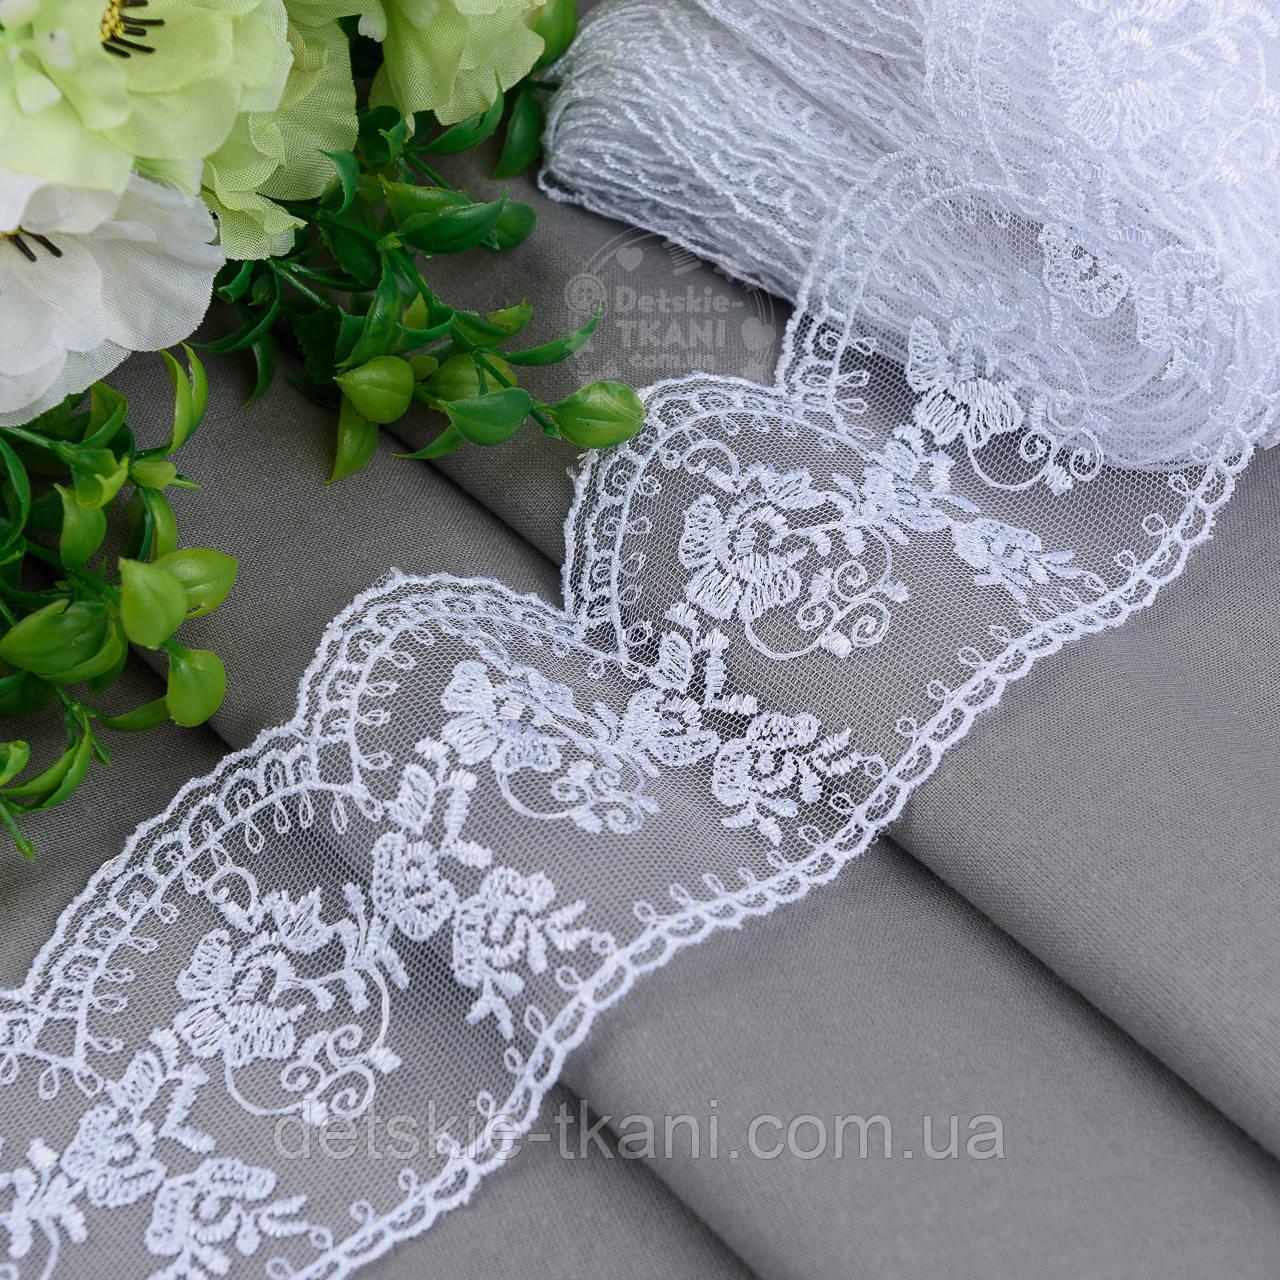 Кружево белое шириной 7 см с вышивкой шёлковой ниткой, № 2168бел